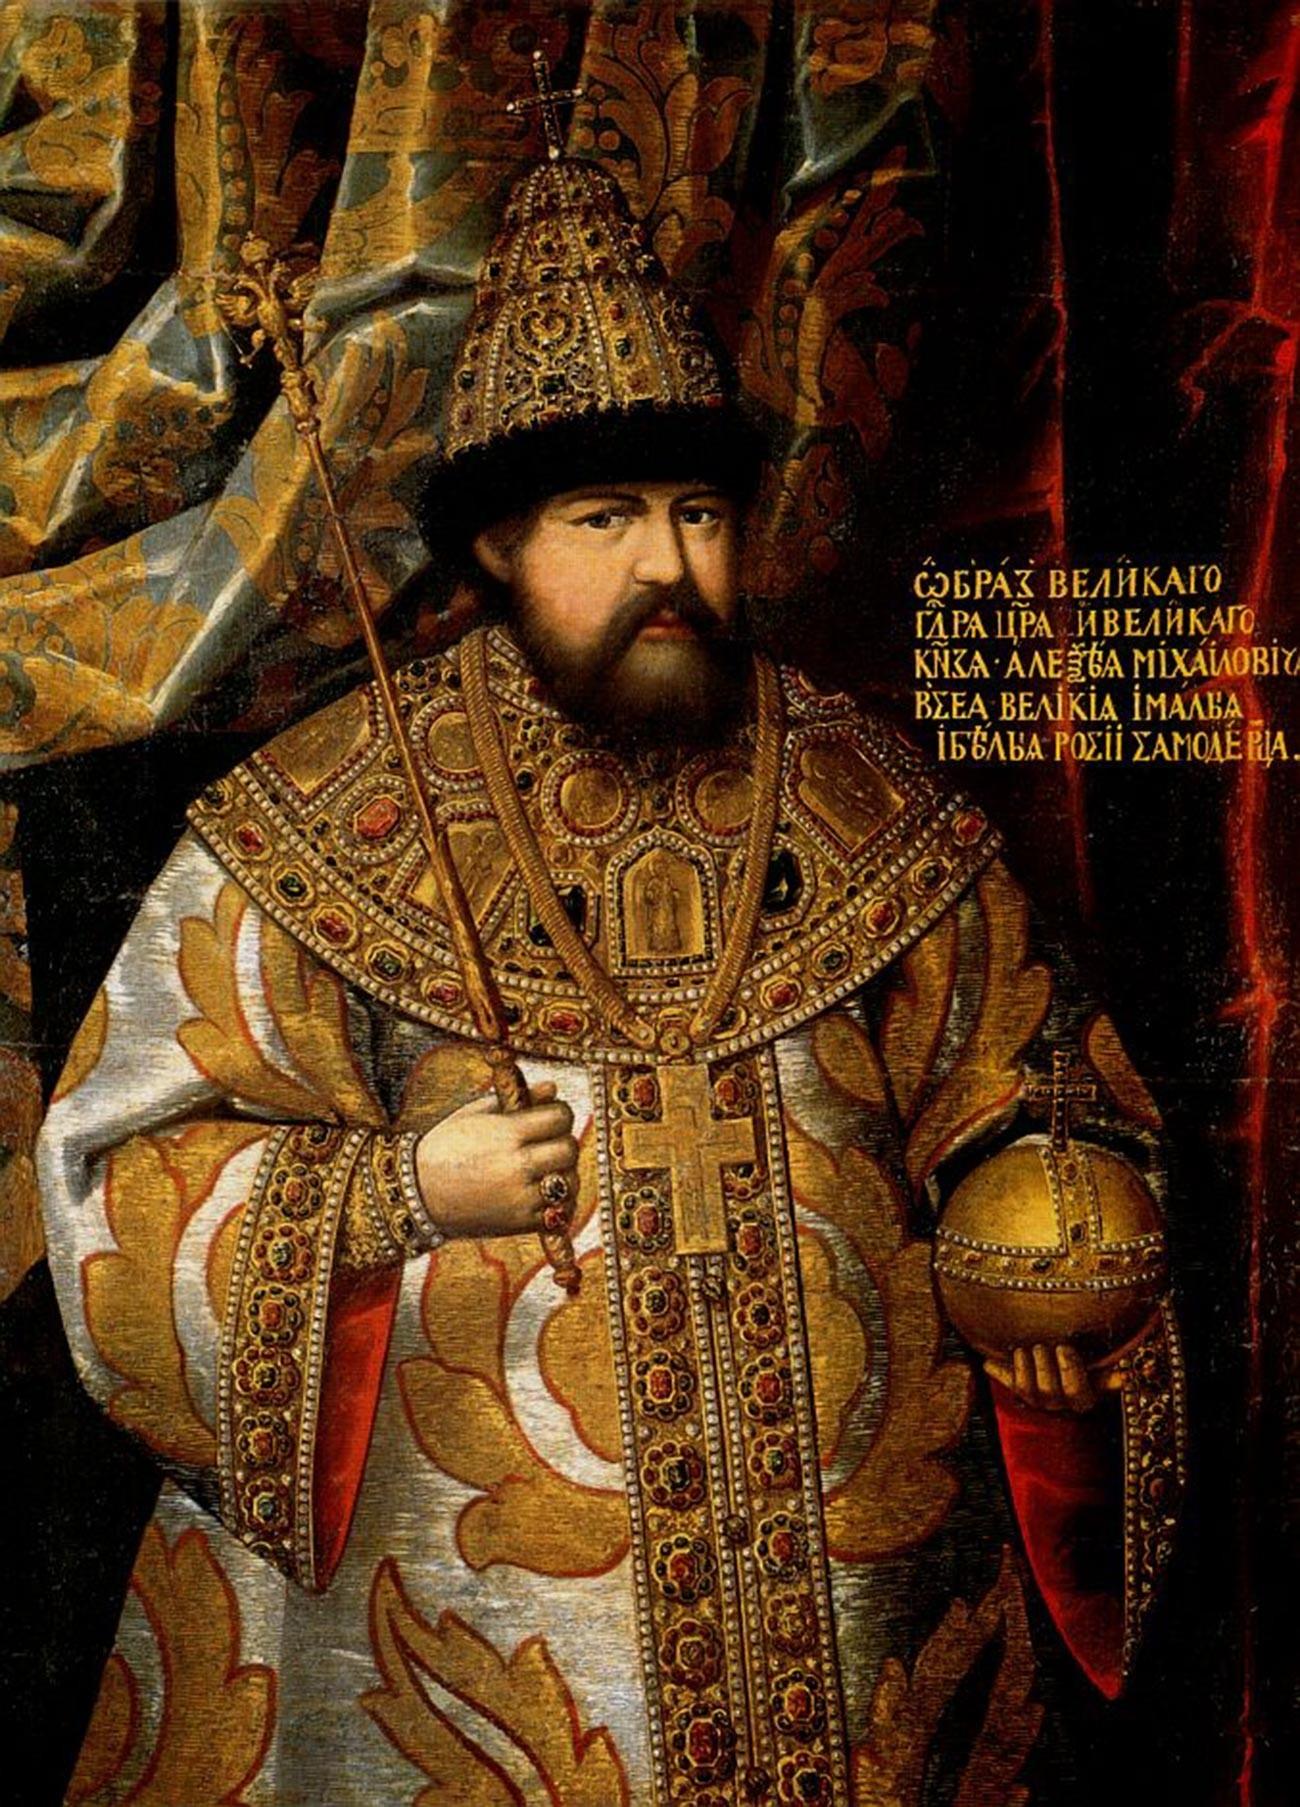 Tsar Aleixo da Rússia.